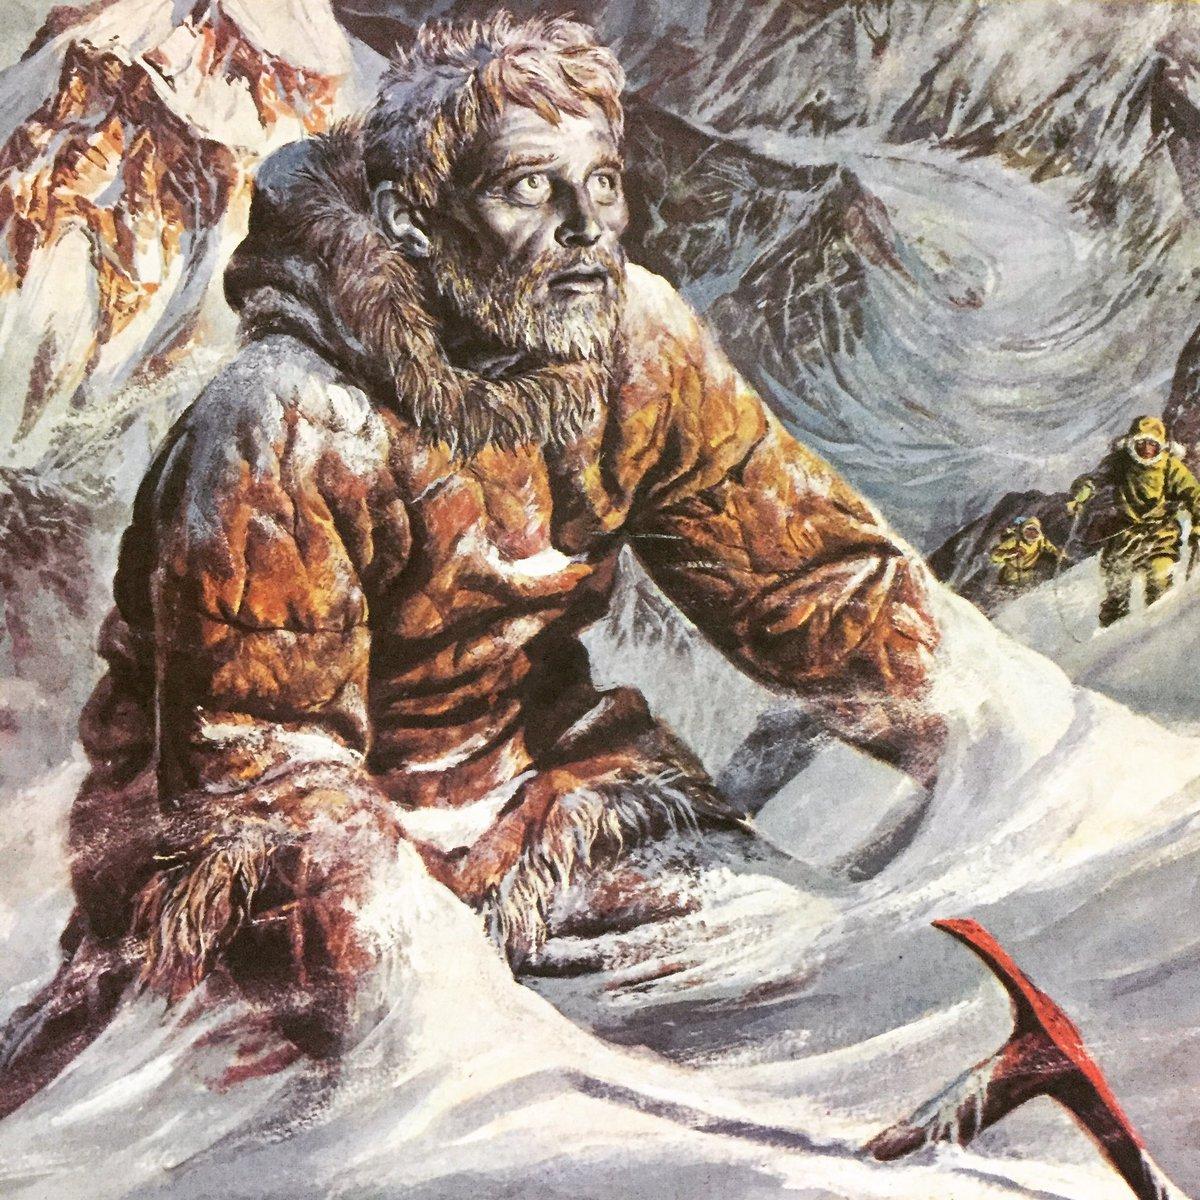 14 yếu tố có thể khiến bạn bỏ mạng trên đỉnh núi Everest (Kỳ 1)